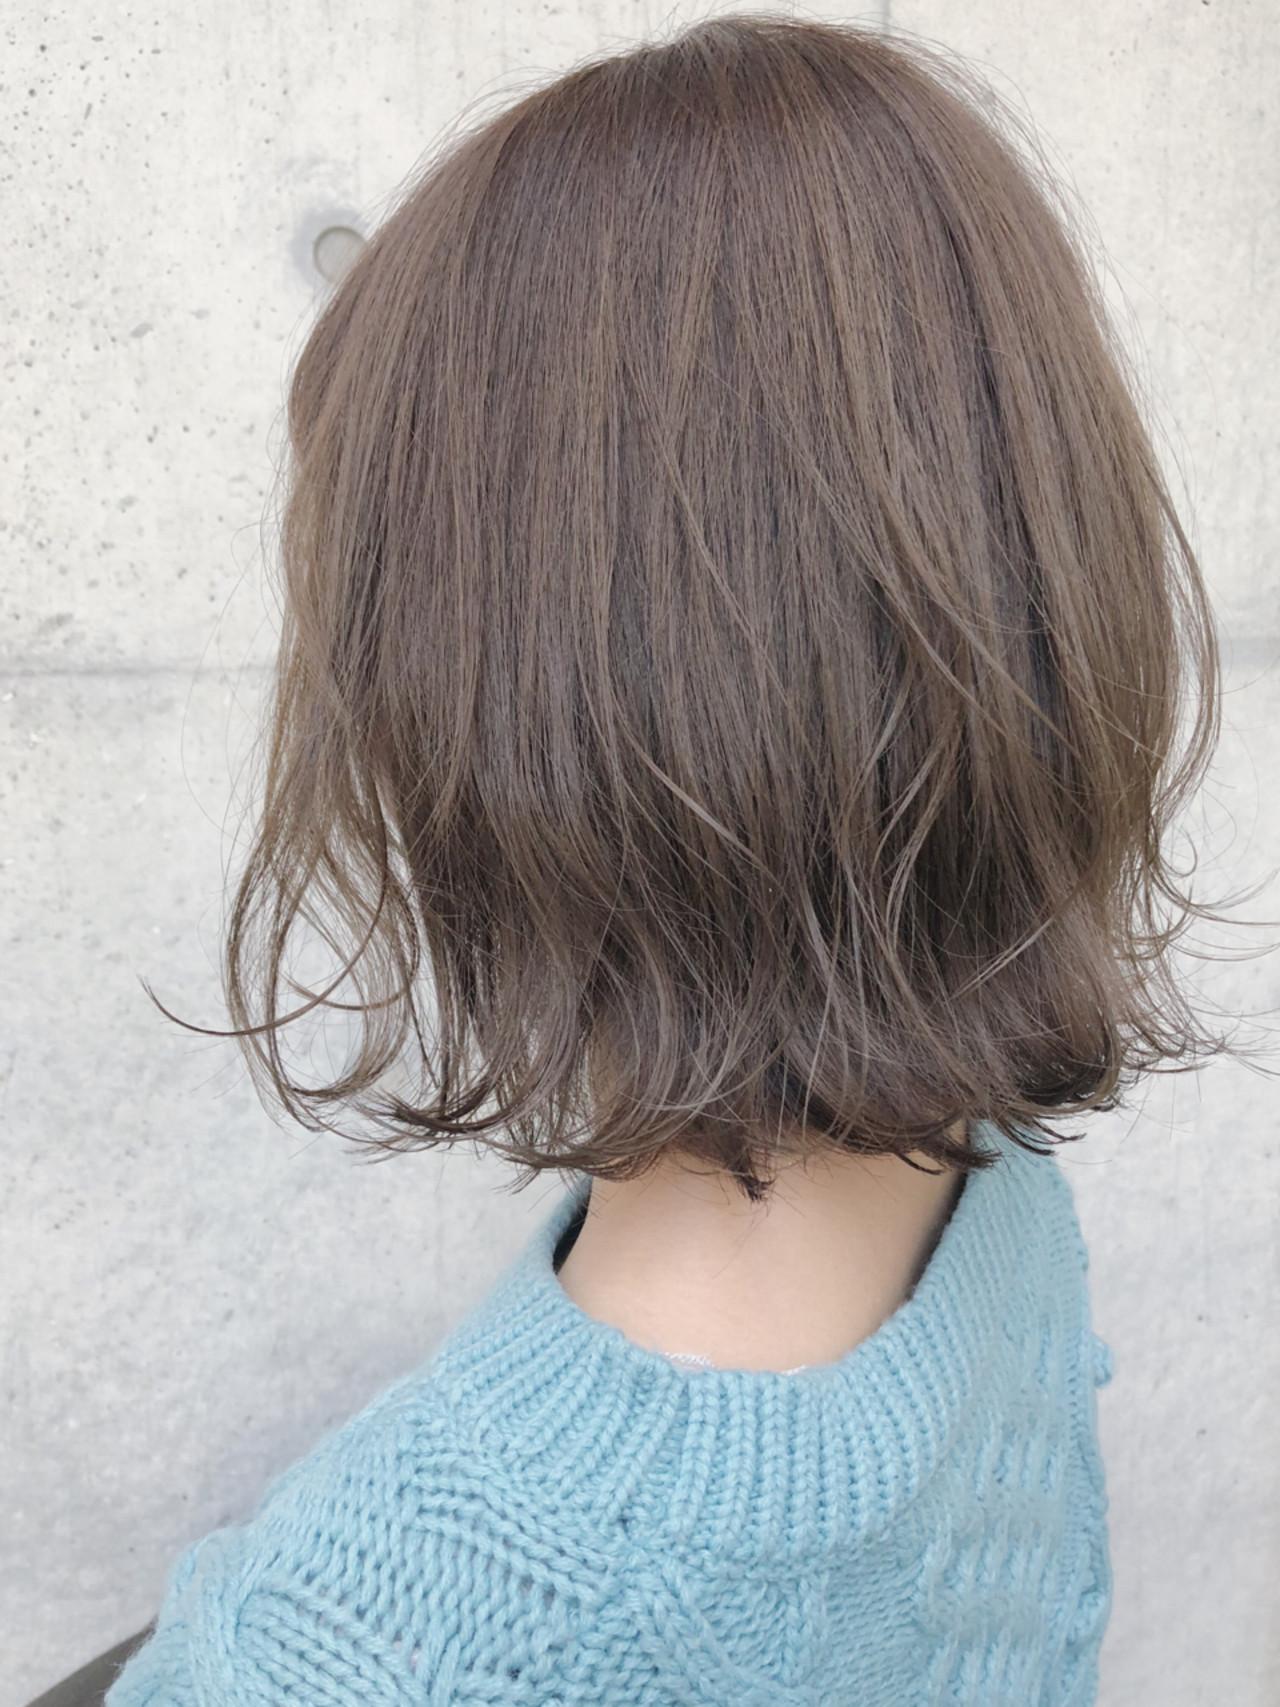 ロブ ナチュラル オリーブアッシュ ボブヘアスタイルや髪型の写真・画像